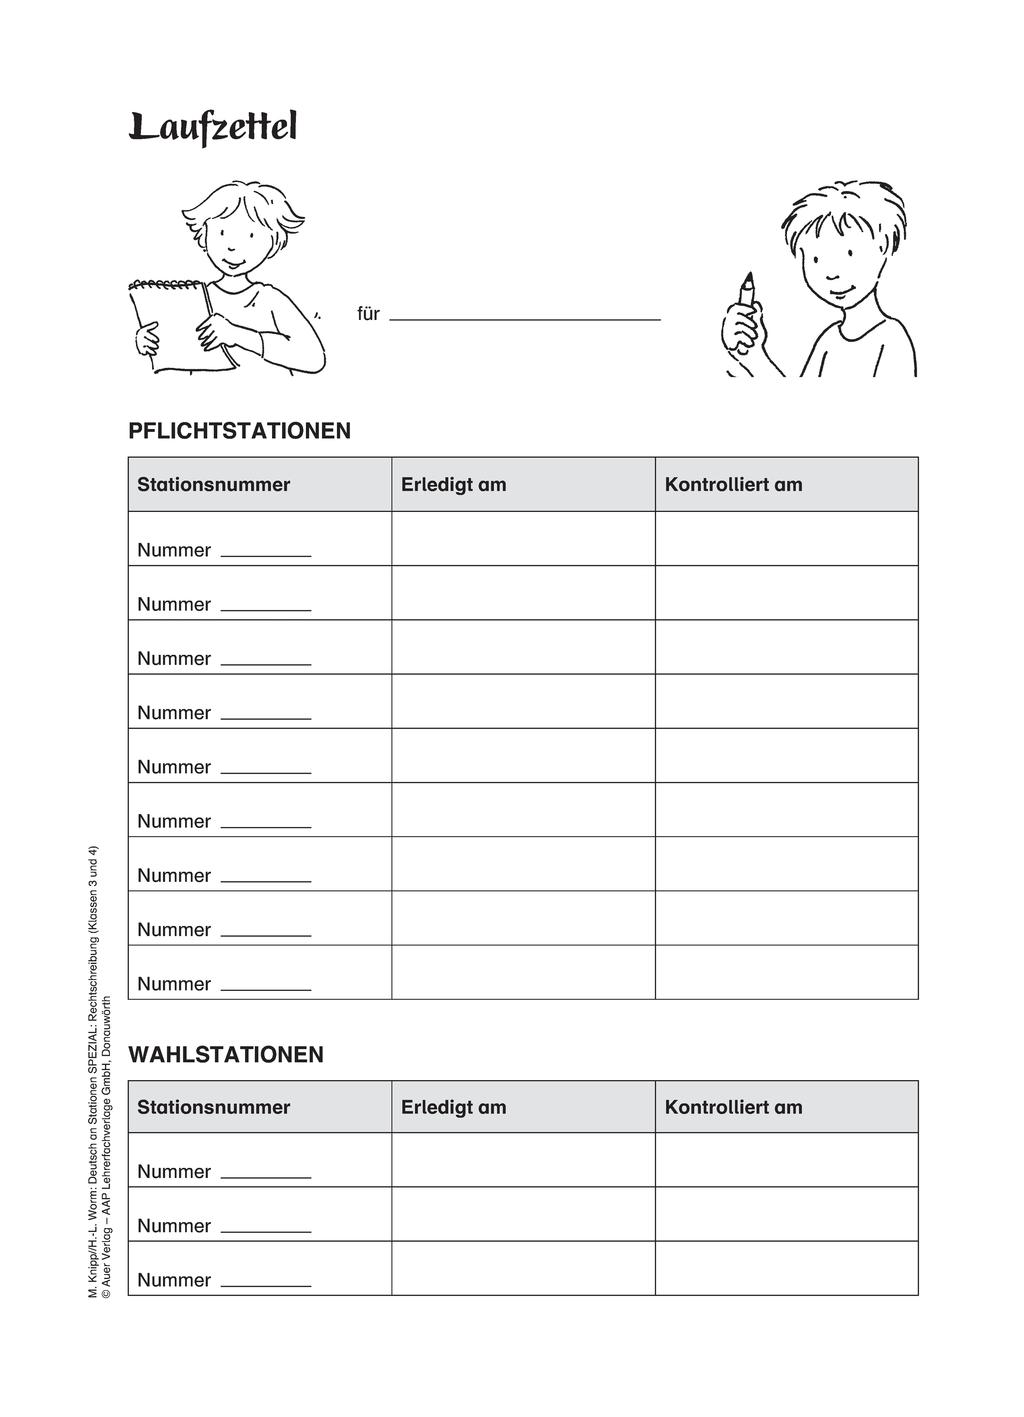 Stationenlernen zur Zeichensetzung: Laufzettel für Lernende Preview 1